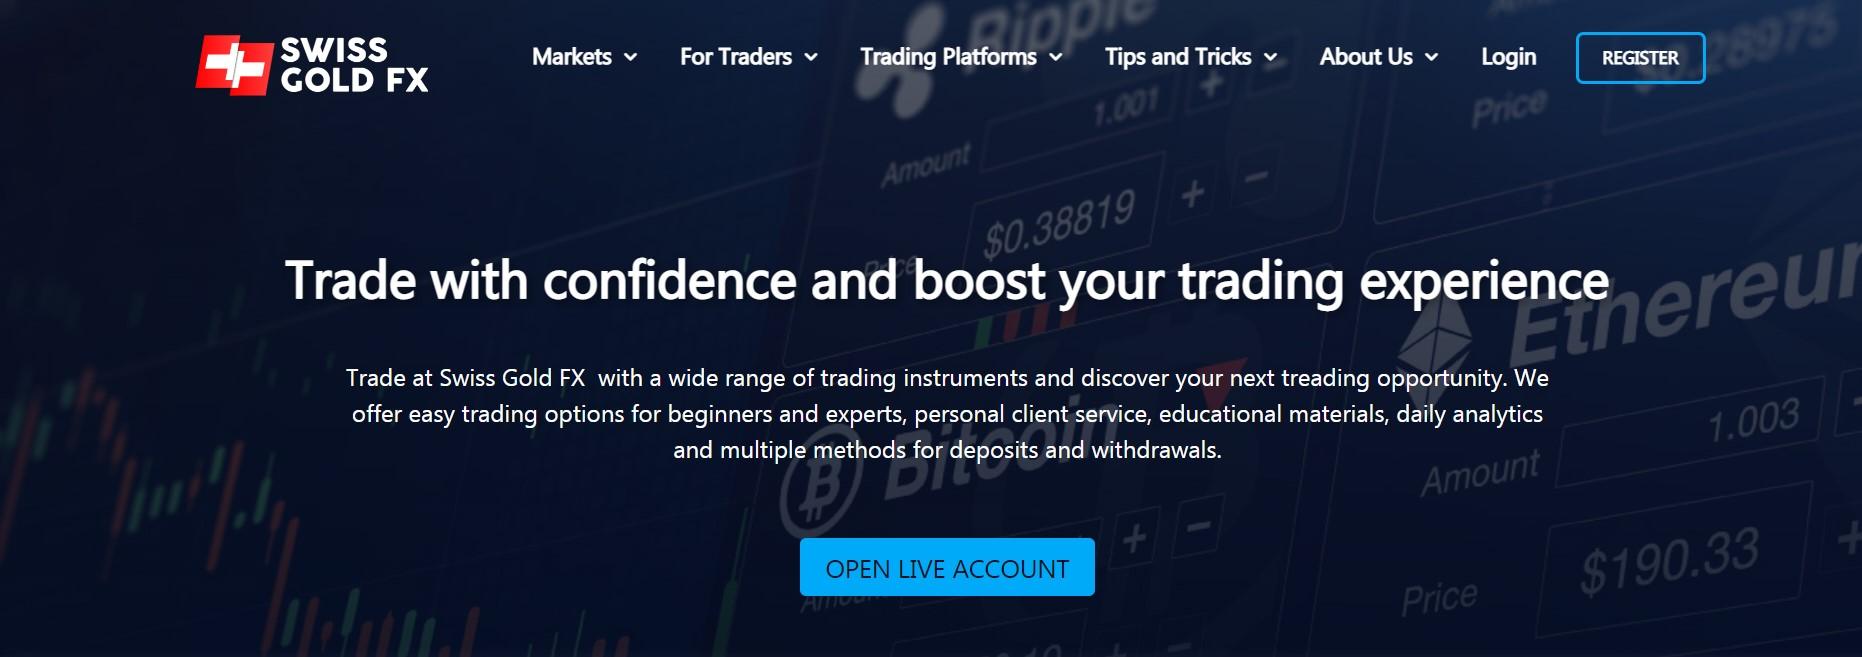 SwissGold FX website